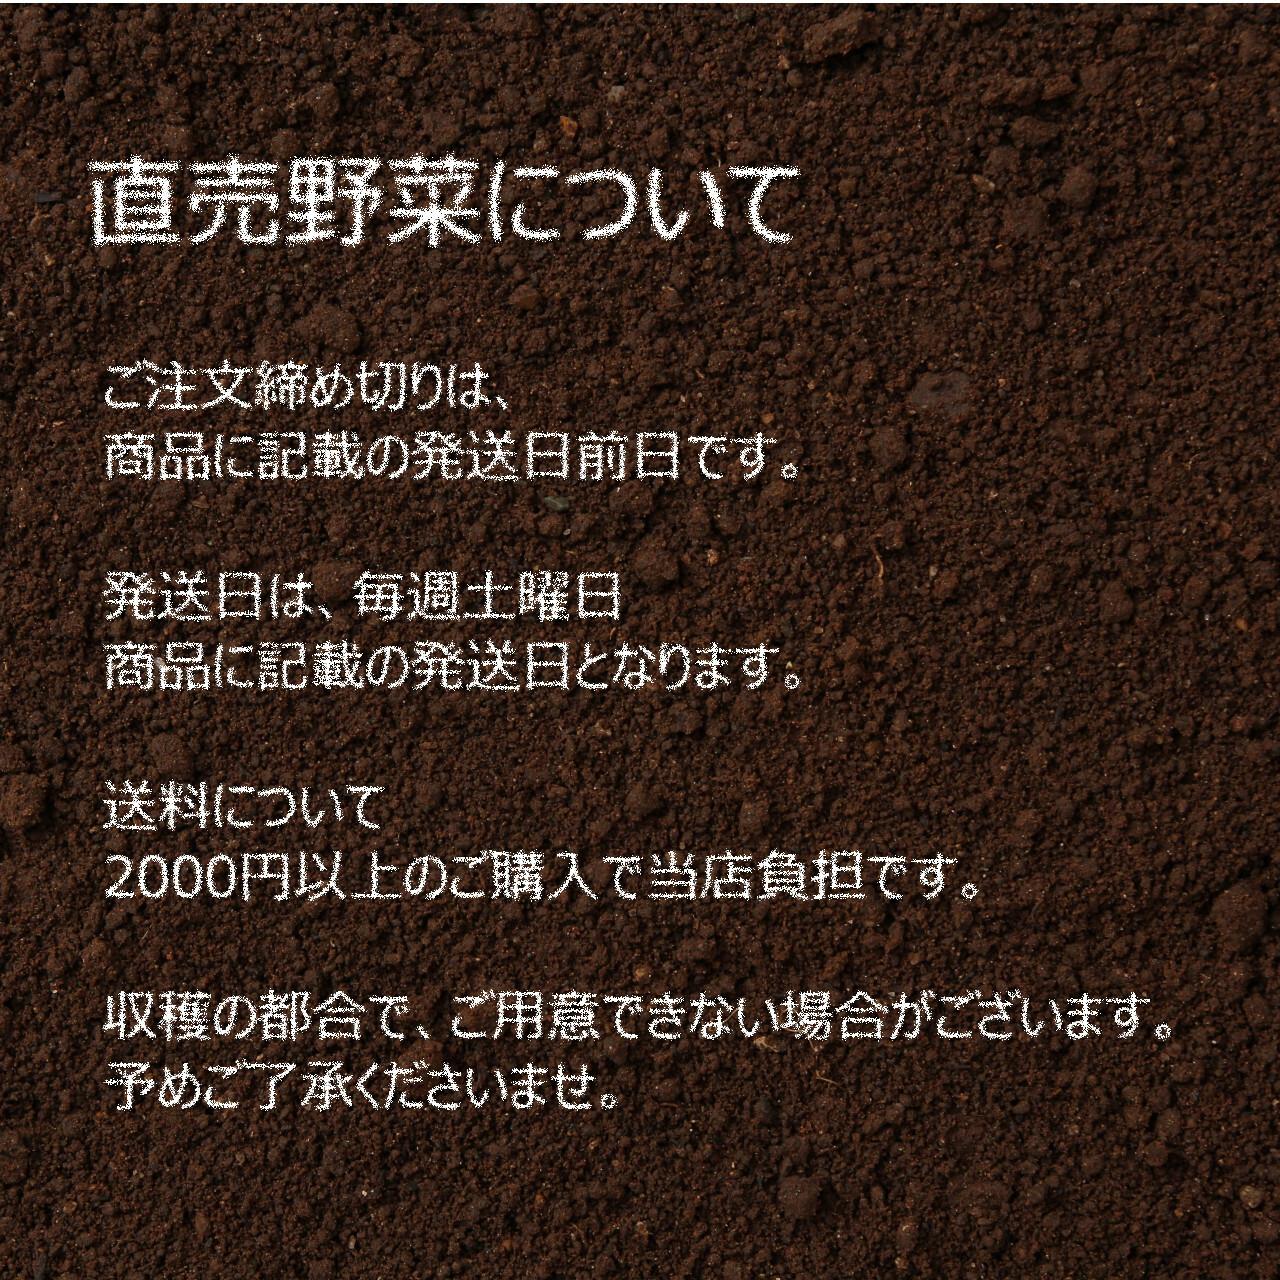 9月の朝採り直売野菜 : ニラ 約200g 新鮮な秋野菜 9月28日発送予定